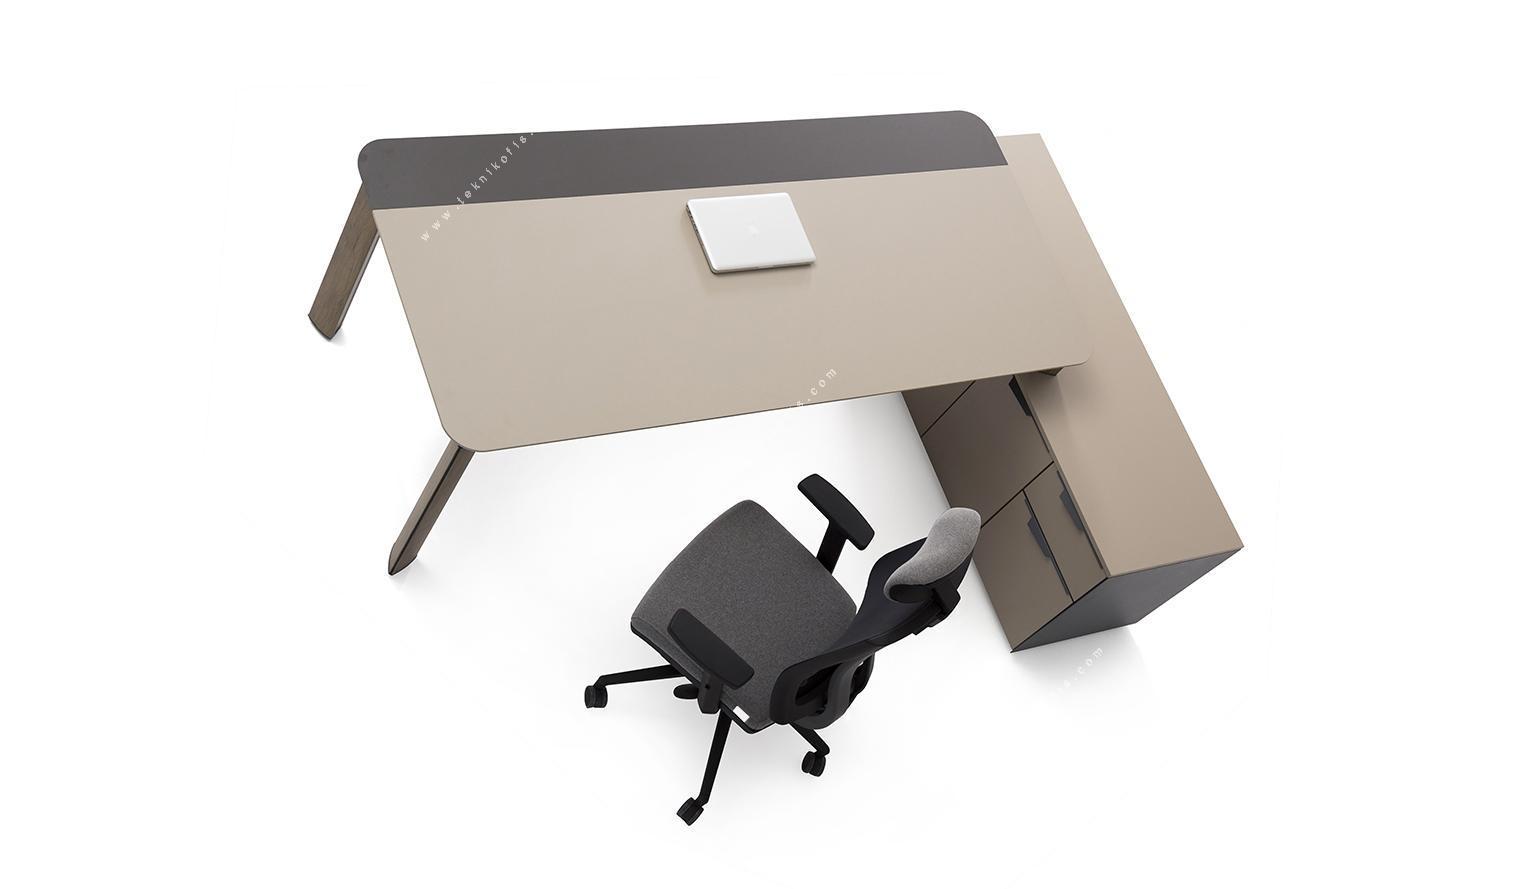 manola etajerli yönetici masası 200cm